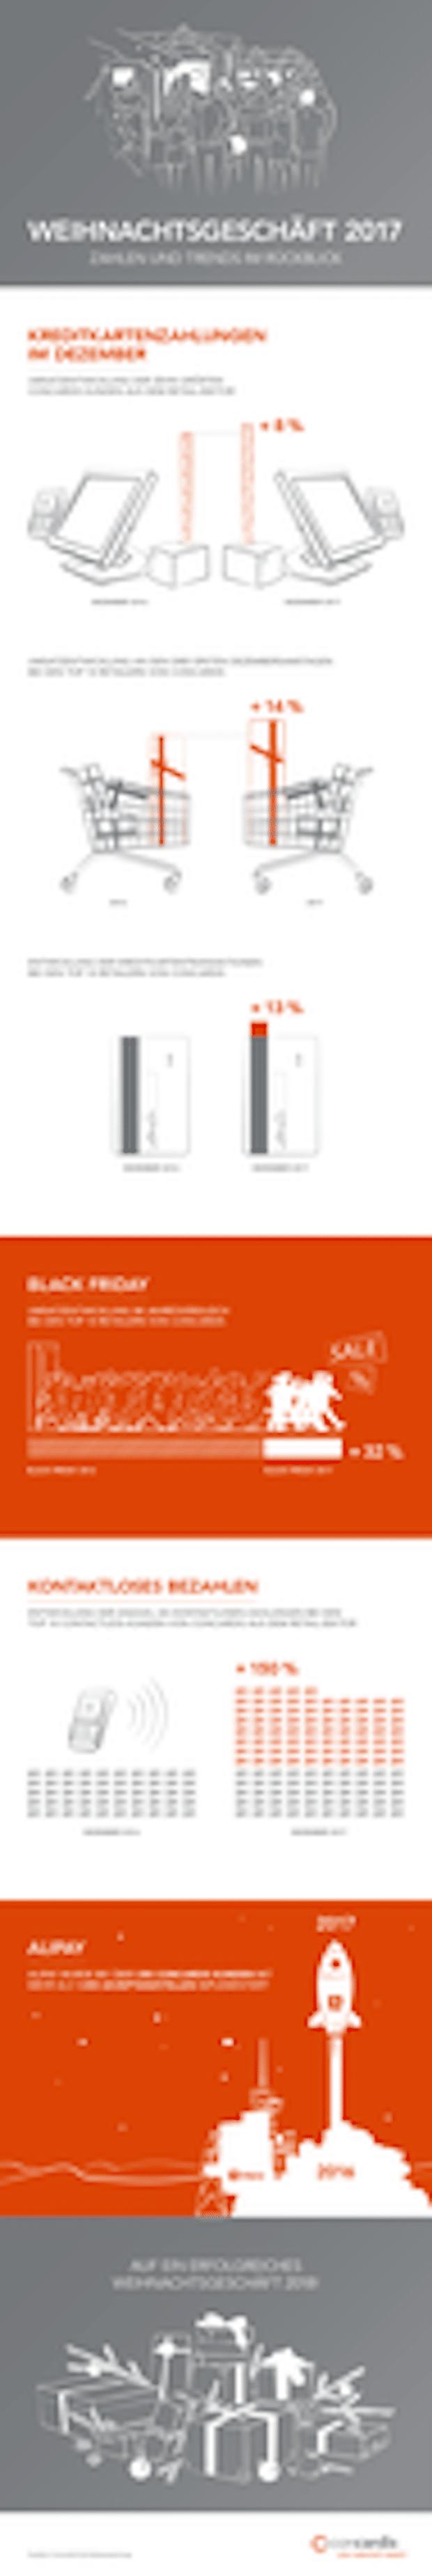 Photo of Die wichtigsten Payment-Trends und Zahlen im Überblick